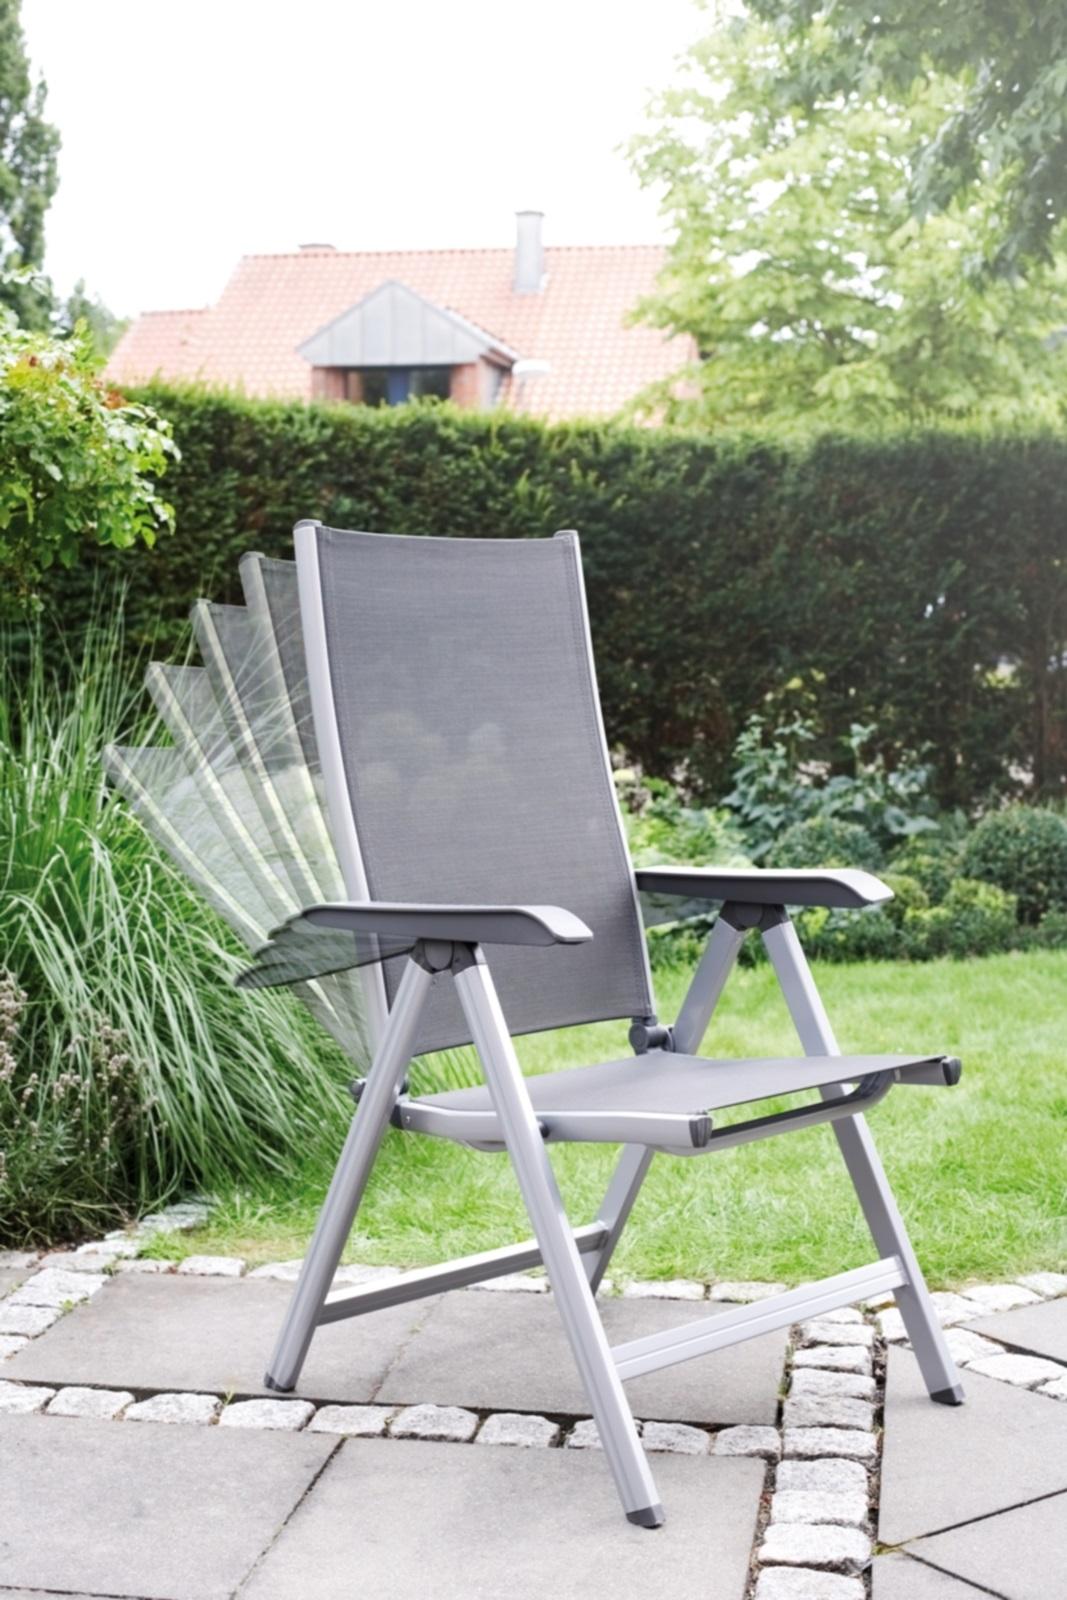 kettler klappsessel basic plus gartenstuhl klappsessel. Black Bedroom Furniture Sets. Home Design Ideas